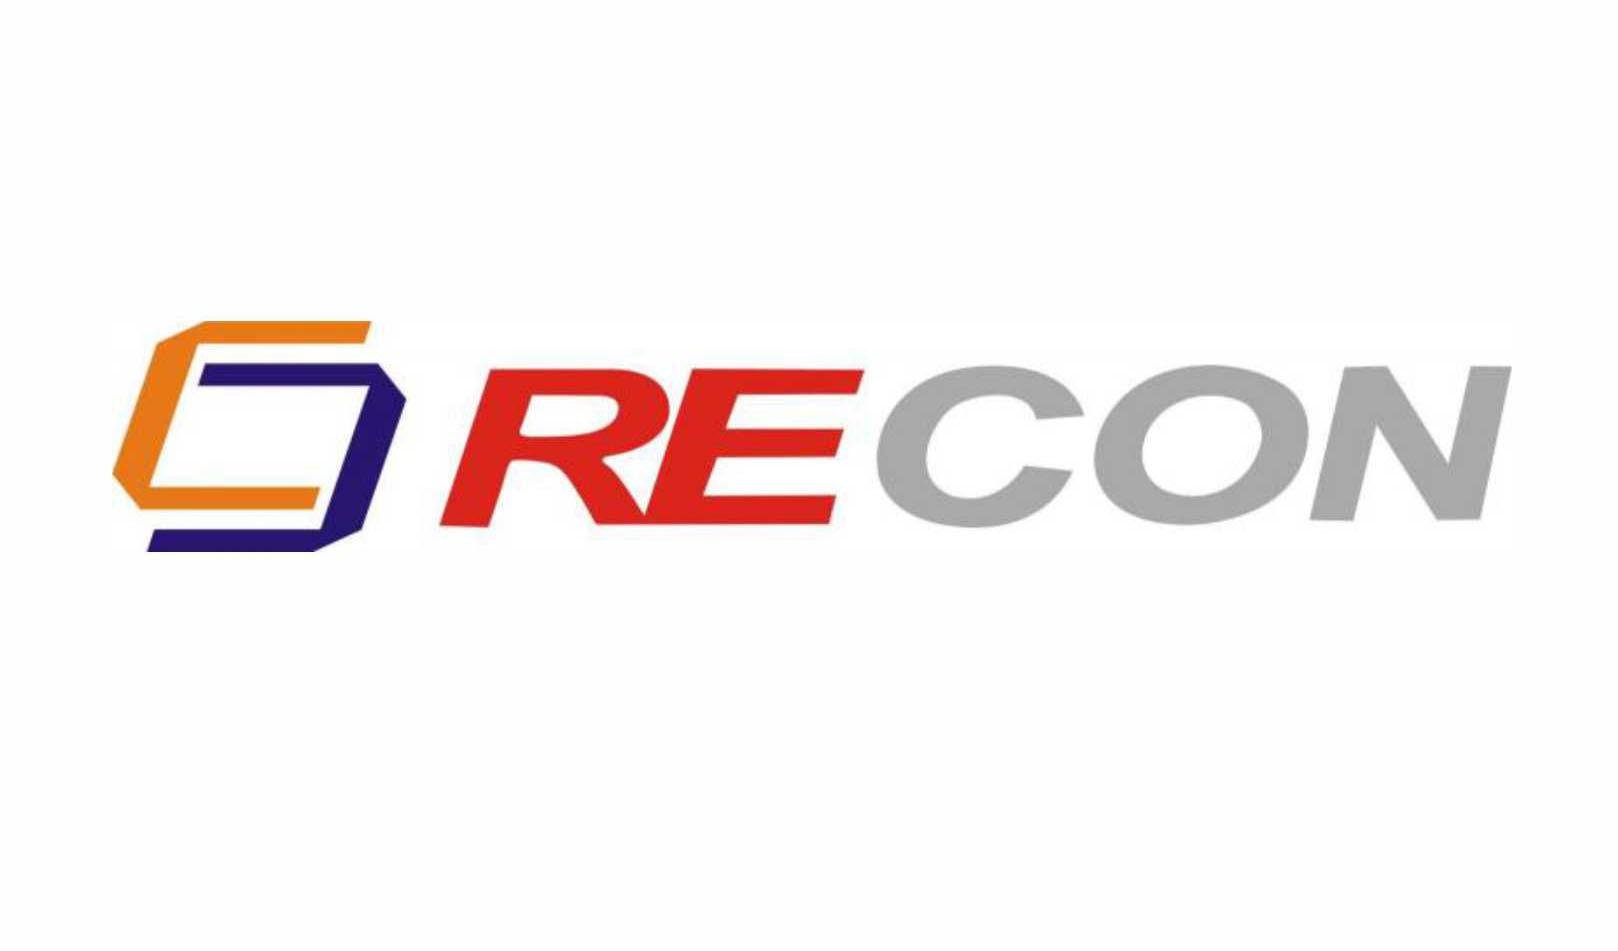 机械行业标志设计 电器行业标志设计 化工行业标志设计公司 广州标志设计公司